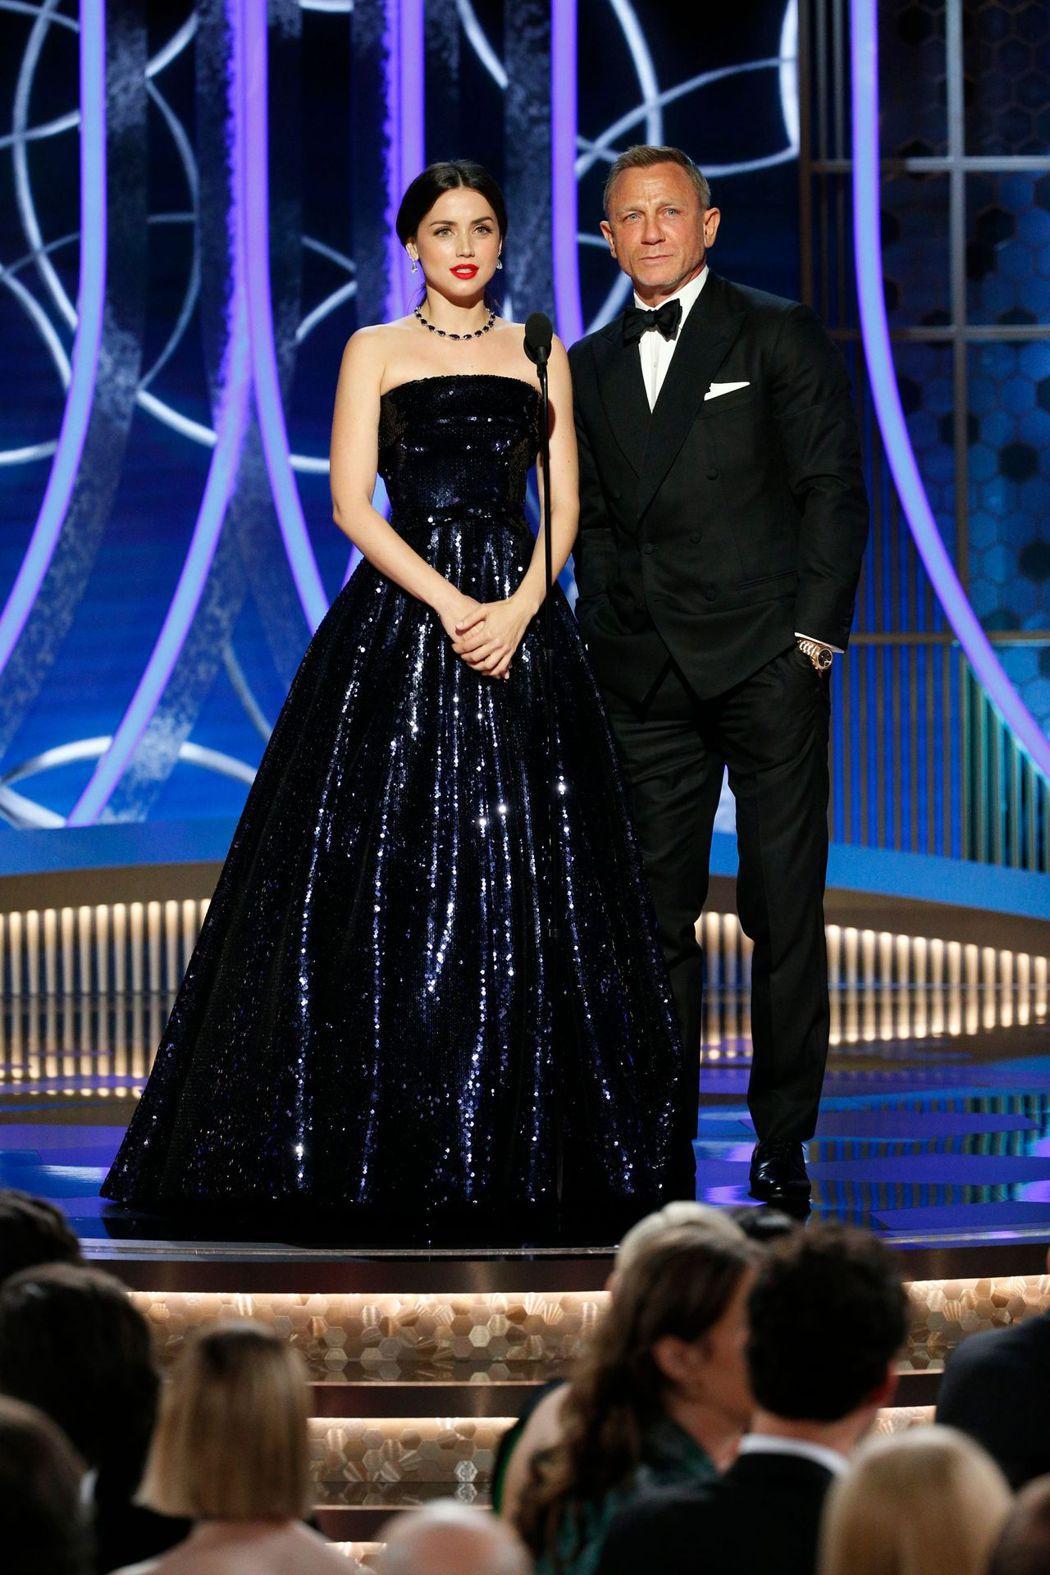 丹尼爾克雷格與安娜狄阿瑪斯兩度合作,也一起擔任頒獎嘉賓。圖/路透資料照片